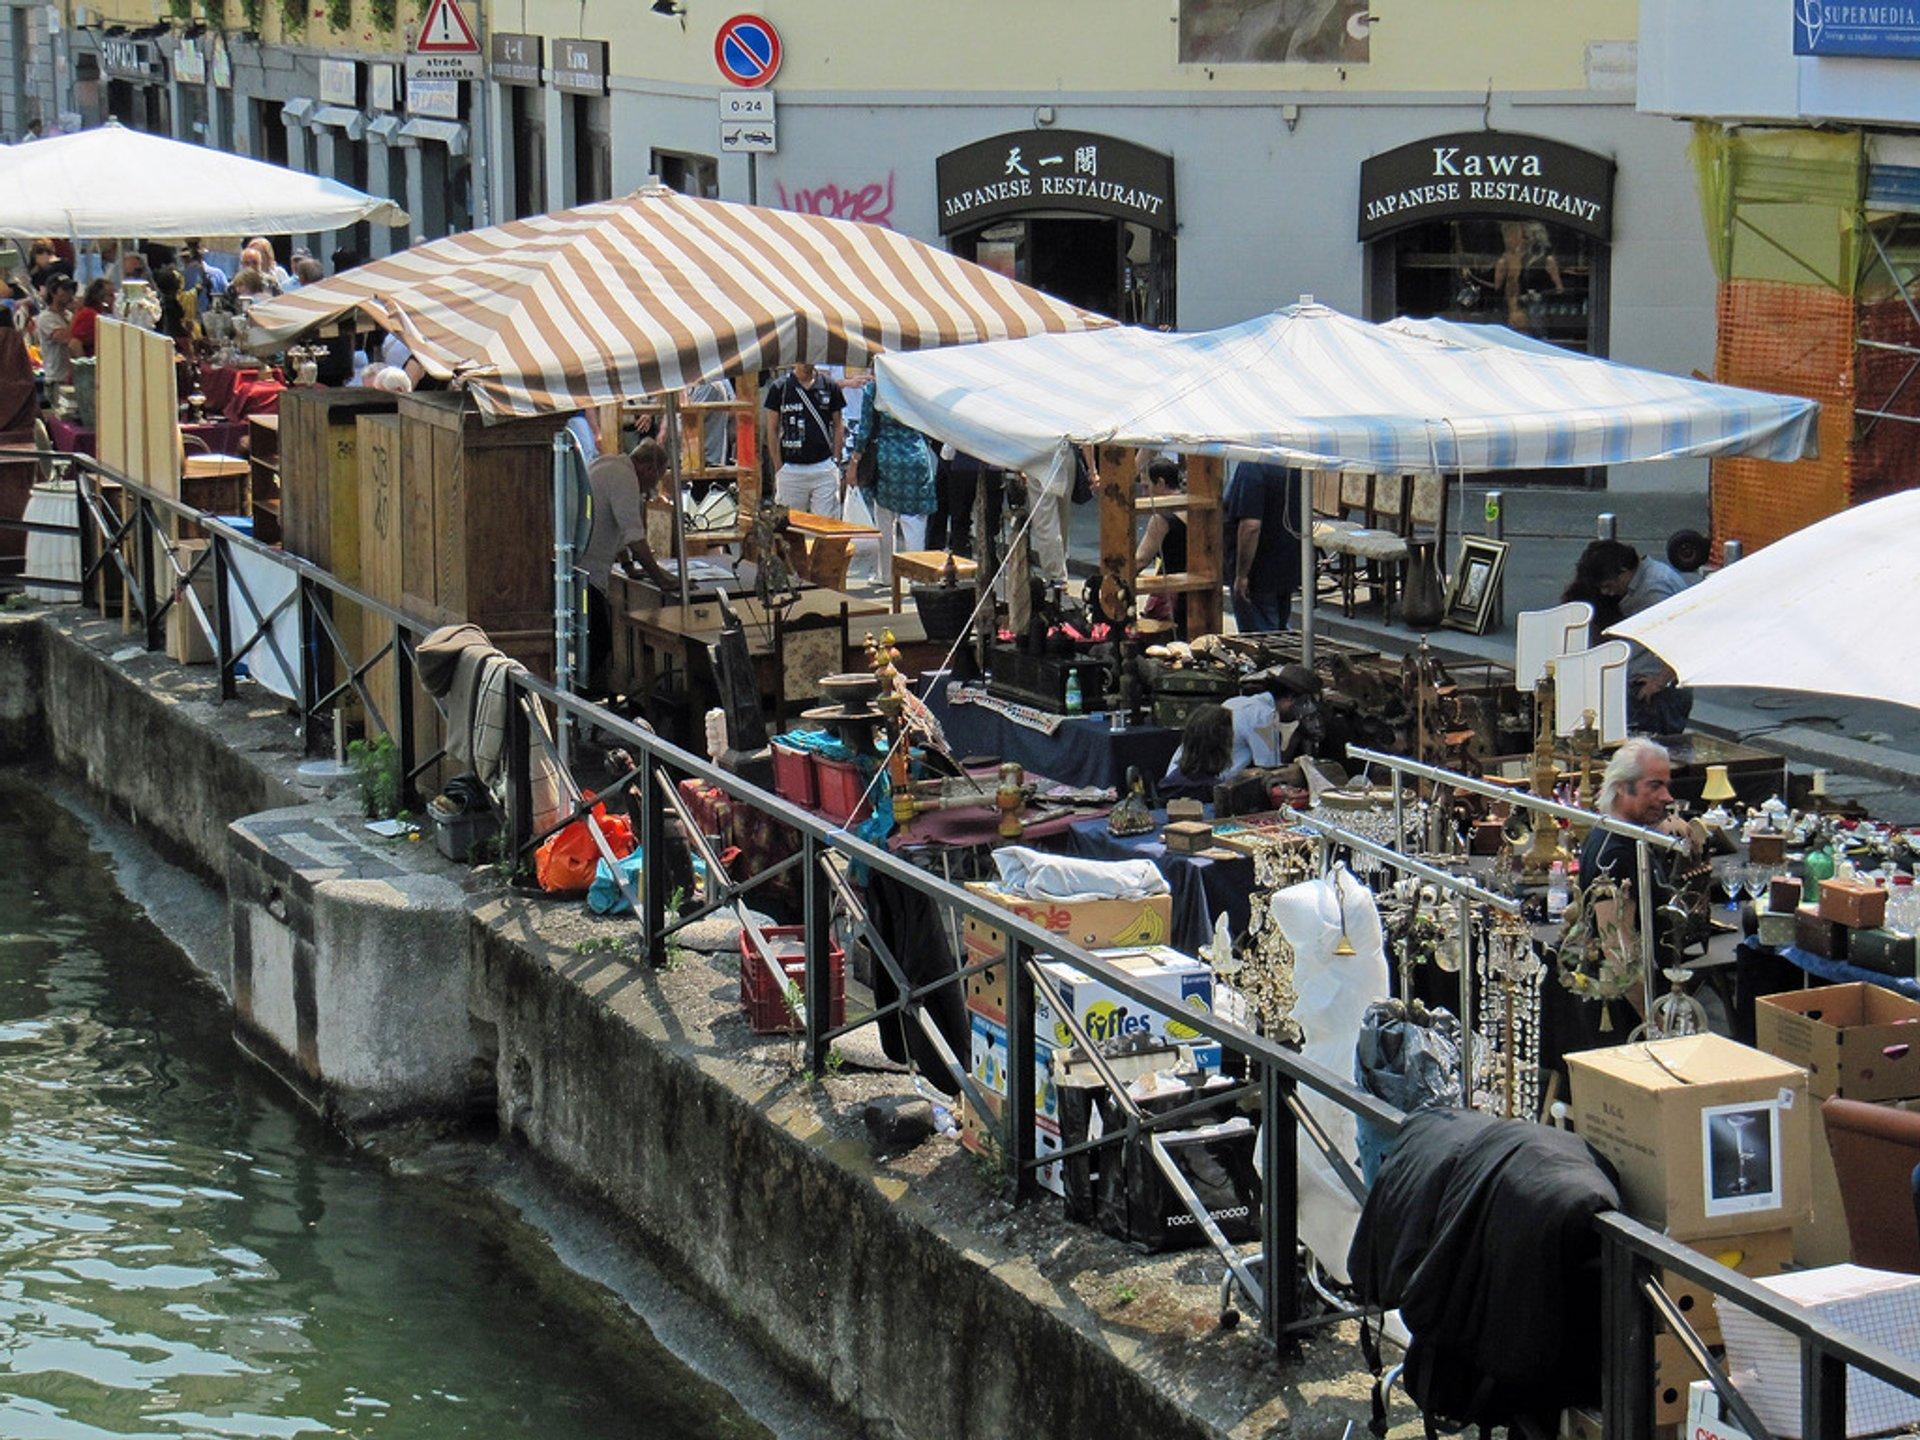 Naviglio flea market, Milan, Italy (Mercatone dell'Antiquariato sul Naviglio Grande) 2019